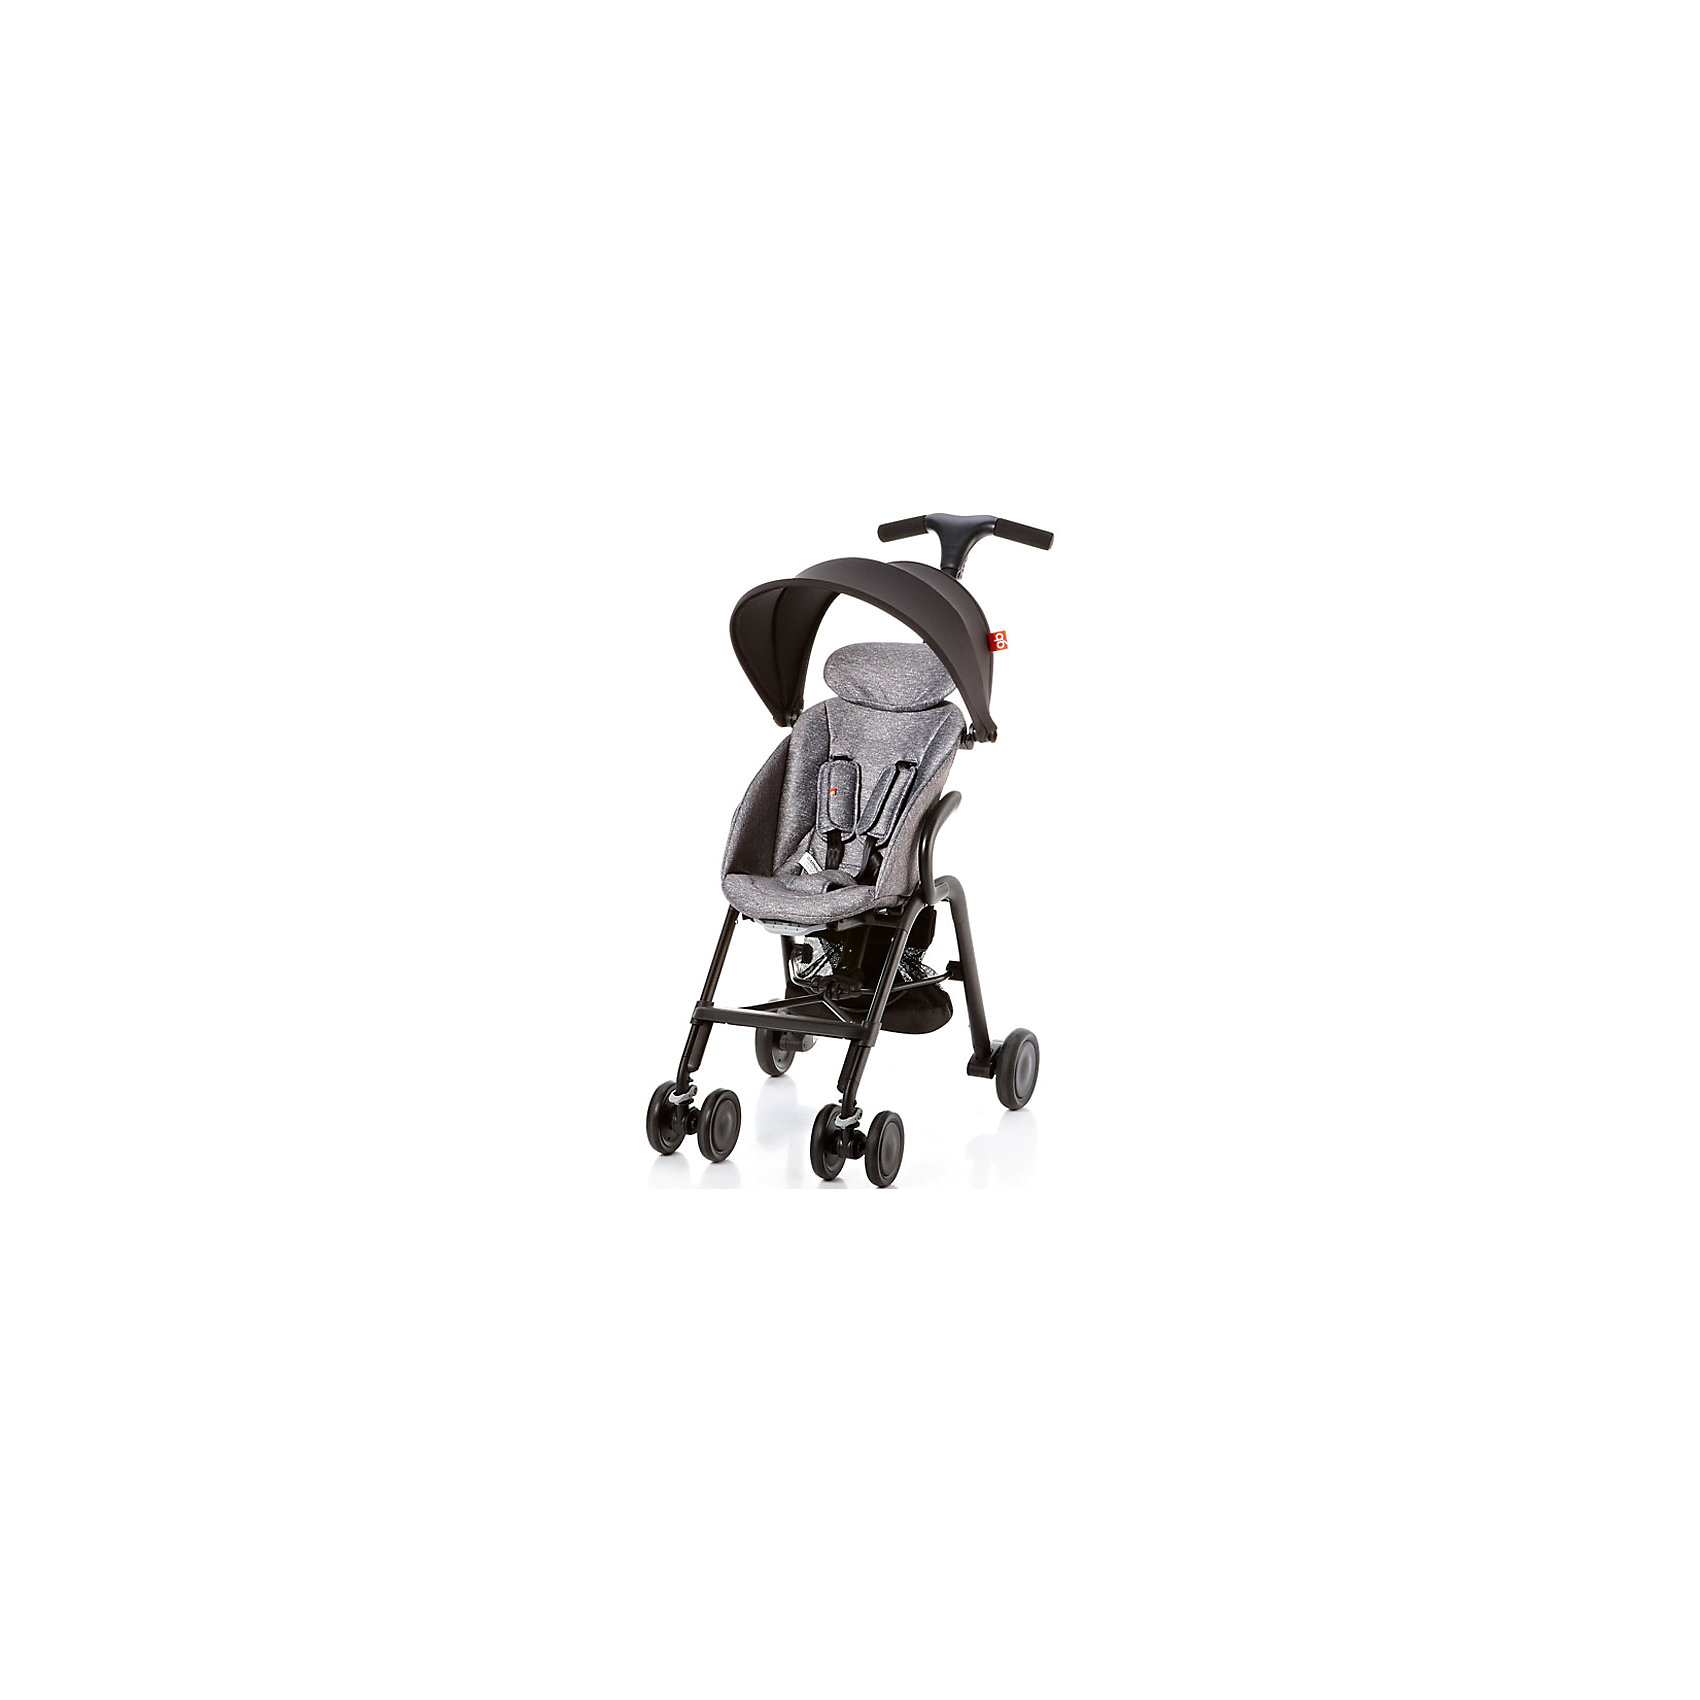 Прогулочная коляска GB T-BAR D330J, серыйПрогулочные коляски<br>Коляска прогулочная T-BAR D330J, GB, серый<br><br>Характеристики:<br><br>- в набор входит: коляска, козырек <br>- материал: алюминий, текстиль, пластик<br>- колеса: EVA-резина и полиуретан<br>- размер разложенной коляски: 53 * 91 * 105 см.<br>- размер в сложенном виде: 53 * 40 * 91 см.<br>- вес коляски: 7,6 кг.<br><br>Надежная коляска от известного международного европейского бренда товаров для детей GB (ДжиБи) сделает прогулку с малышом комфортным приключением. Стильный дизайн и качественное исполнение позволят коляске прослужить много лет. Т-образная ручка обеспечивает наибольшую маневренность в городе и ее высота регулируется в три положения. Стильный козырек закрывает малыша от яркого солнца и удобно регулируется, давая возможность полностью закрыть малыша спереди. Спинка сидения регулируется в два положения, в которых малыш сможет немного отдохнуть, а мягкий регулирующийся подголовник добавит малышу комфорта. Прочные бесшумные двойные передние колеса поворачиваются (можно зафиксировать), задние колеса оснащены амортизацией, такое сочетание позволяет осуществить наибольшую проходимость и устойчивость коляски. Для удобства хранения и перемещения коляска легко складывается по принципу «книжка». Безопасность малыша обеспечивает пятиточечный ремень с мягкими накладками. Небольшая корзина коляски легка в доступе и позволит взять с собой самое необходимое на прогулку. С этой легкой и компактной коляской вы будете чувствовать себя уверенно как на прогулке, так и в магазине.<br><br>Коляску прогулочную T-BAR D330J, серый, GB (ДжиБи) можно купить в нашем интернет-магазине.<br><br>Ширина мм: 900<br>Глубина мм: 500<br>Высота мм: 300<br>Вес г: 9000<br>Возраст от месяцев: 6<br>Возраст до месяцев: 36<br>Пол: Унисекс<br>Возраст: Детский<br>SKU: 5176044